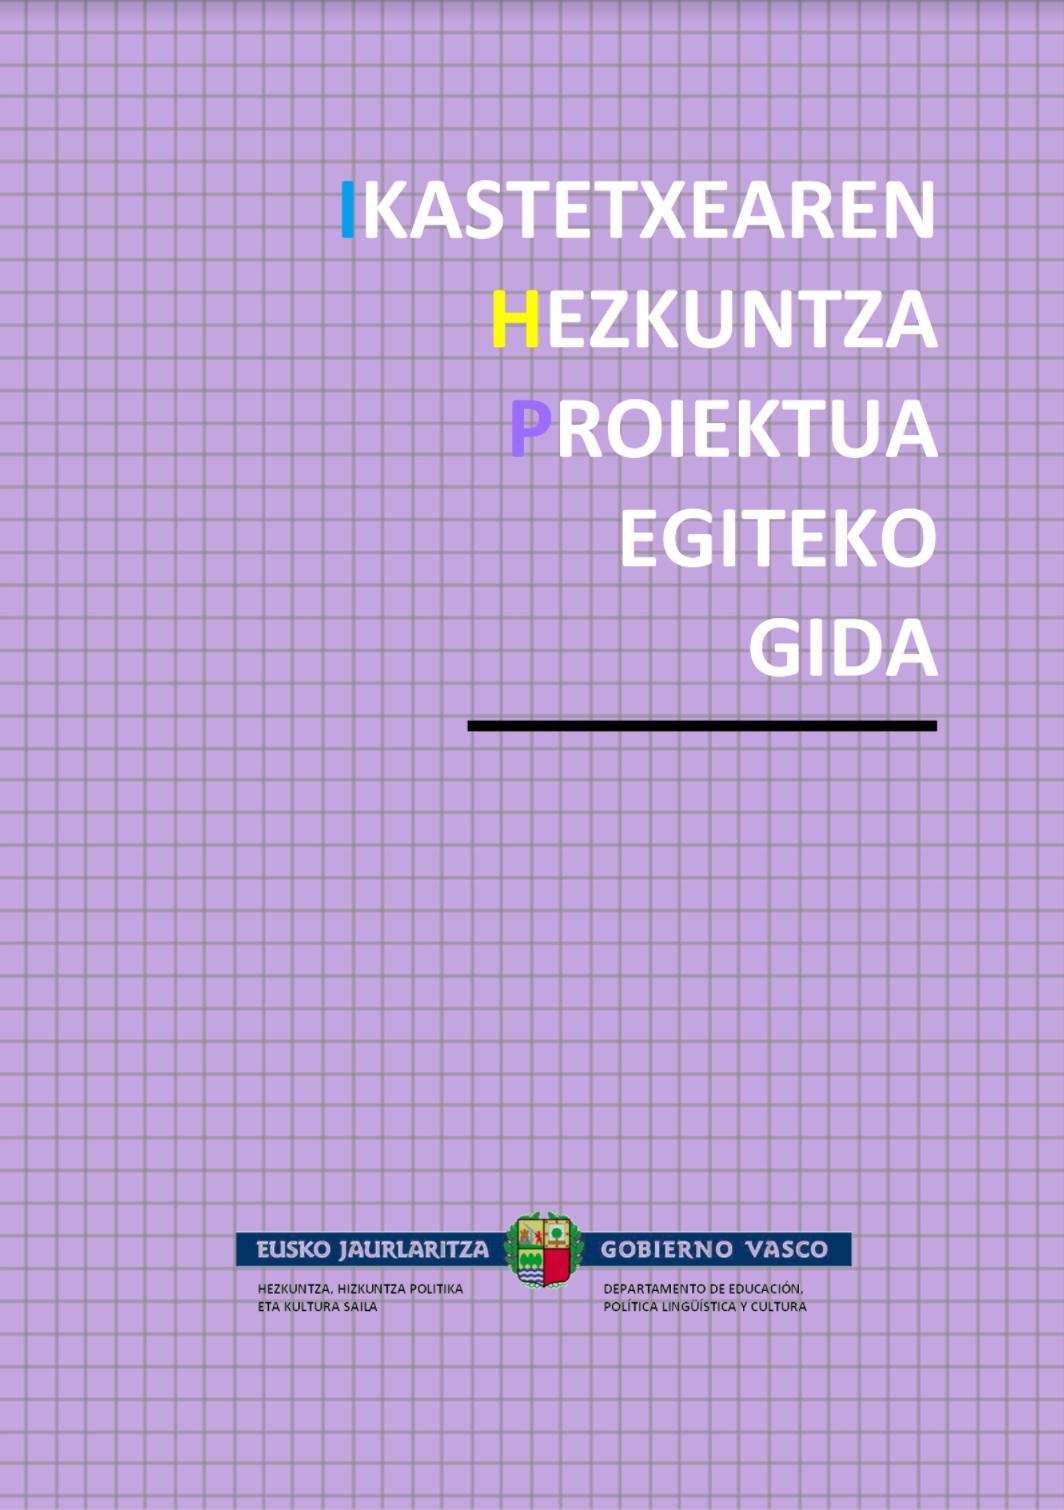 IKASTETXEAREN HEZKUNTZA PROIEKTUA